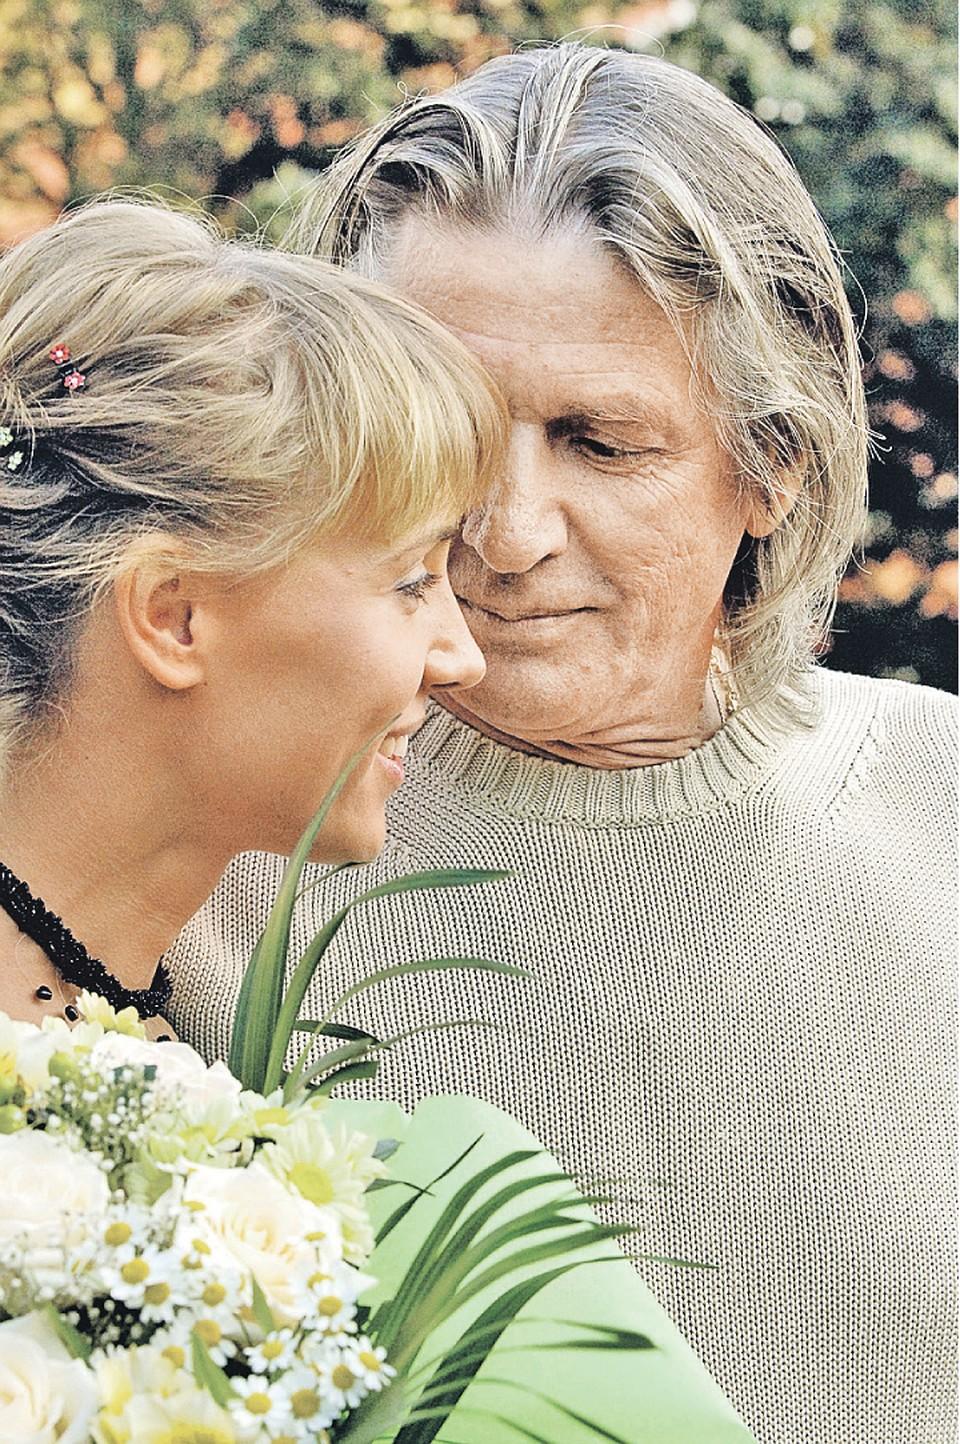 Ксения алферова и дочь дуня фото